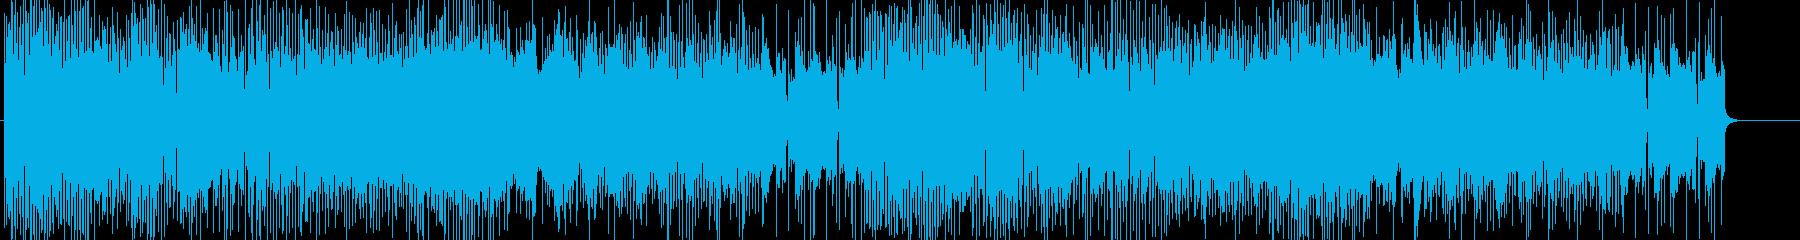 「HR/HM」「DEATH」BGM166の再生済みの波形